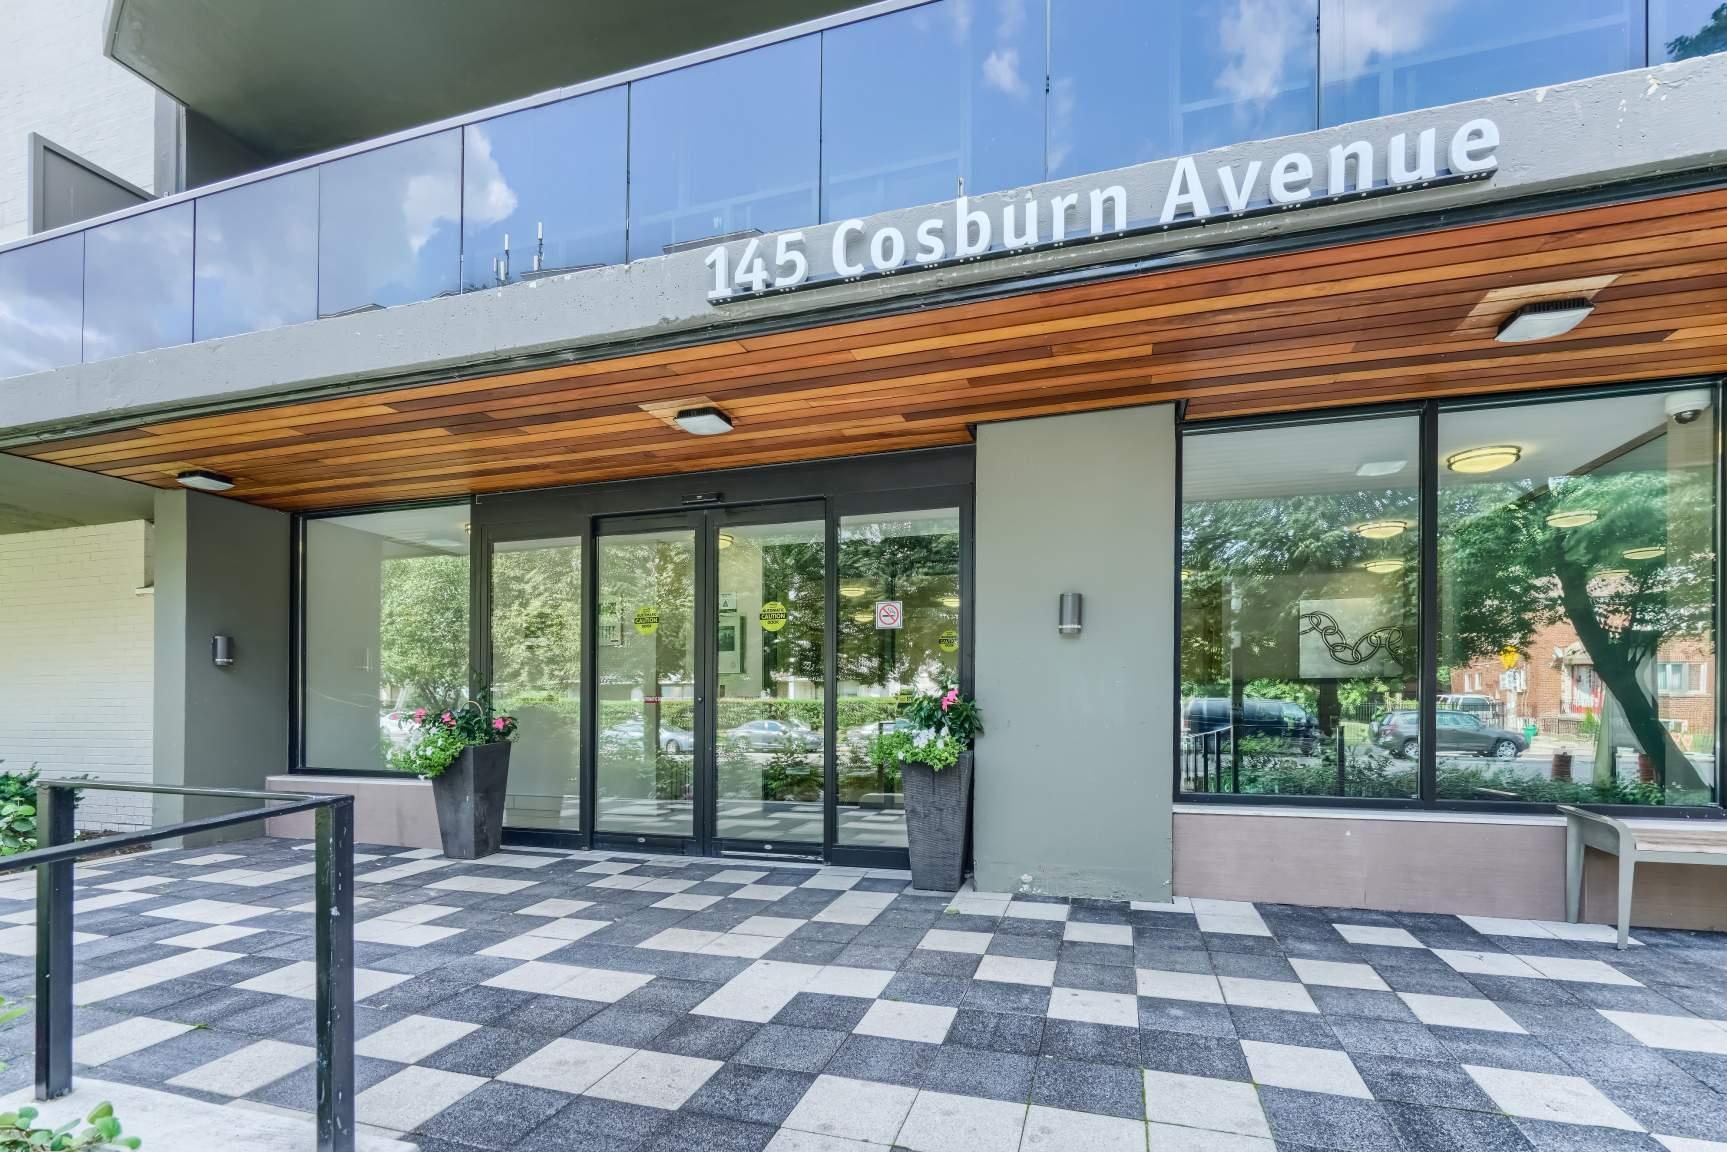 145 Cosburn Ave.